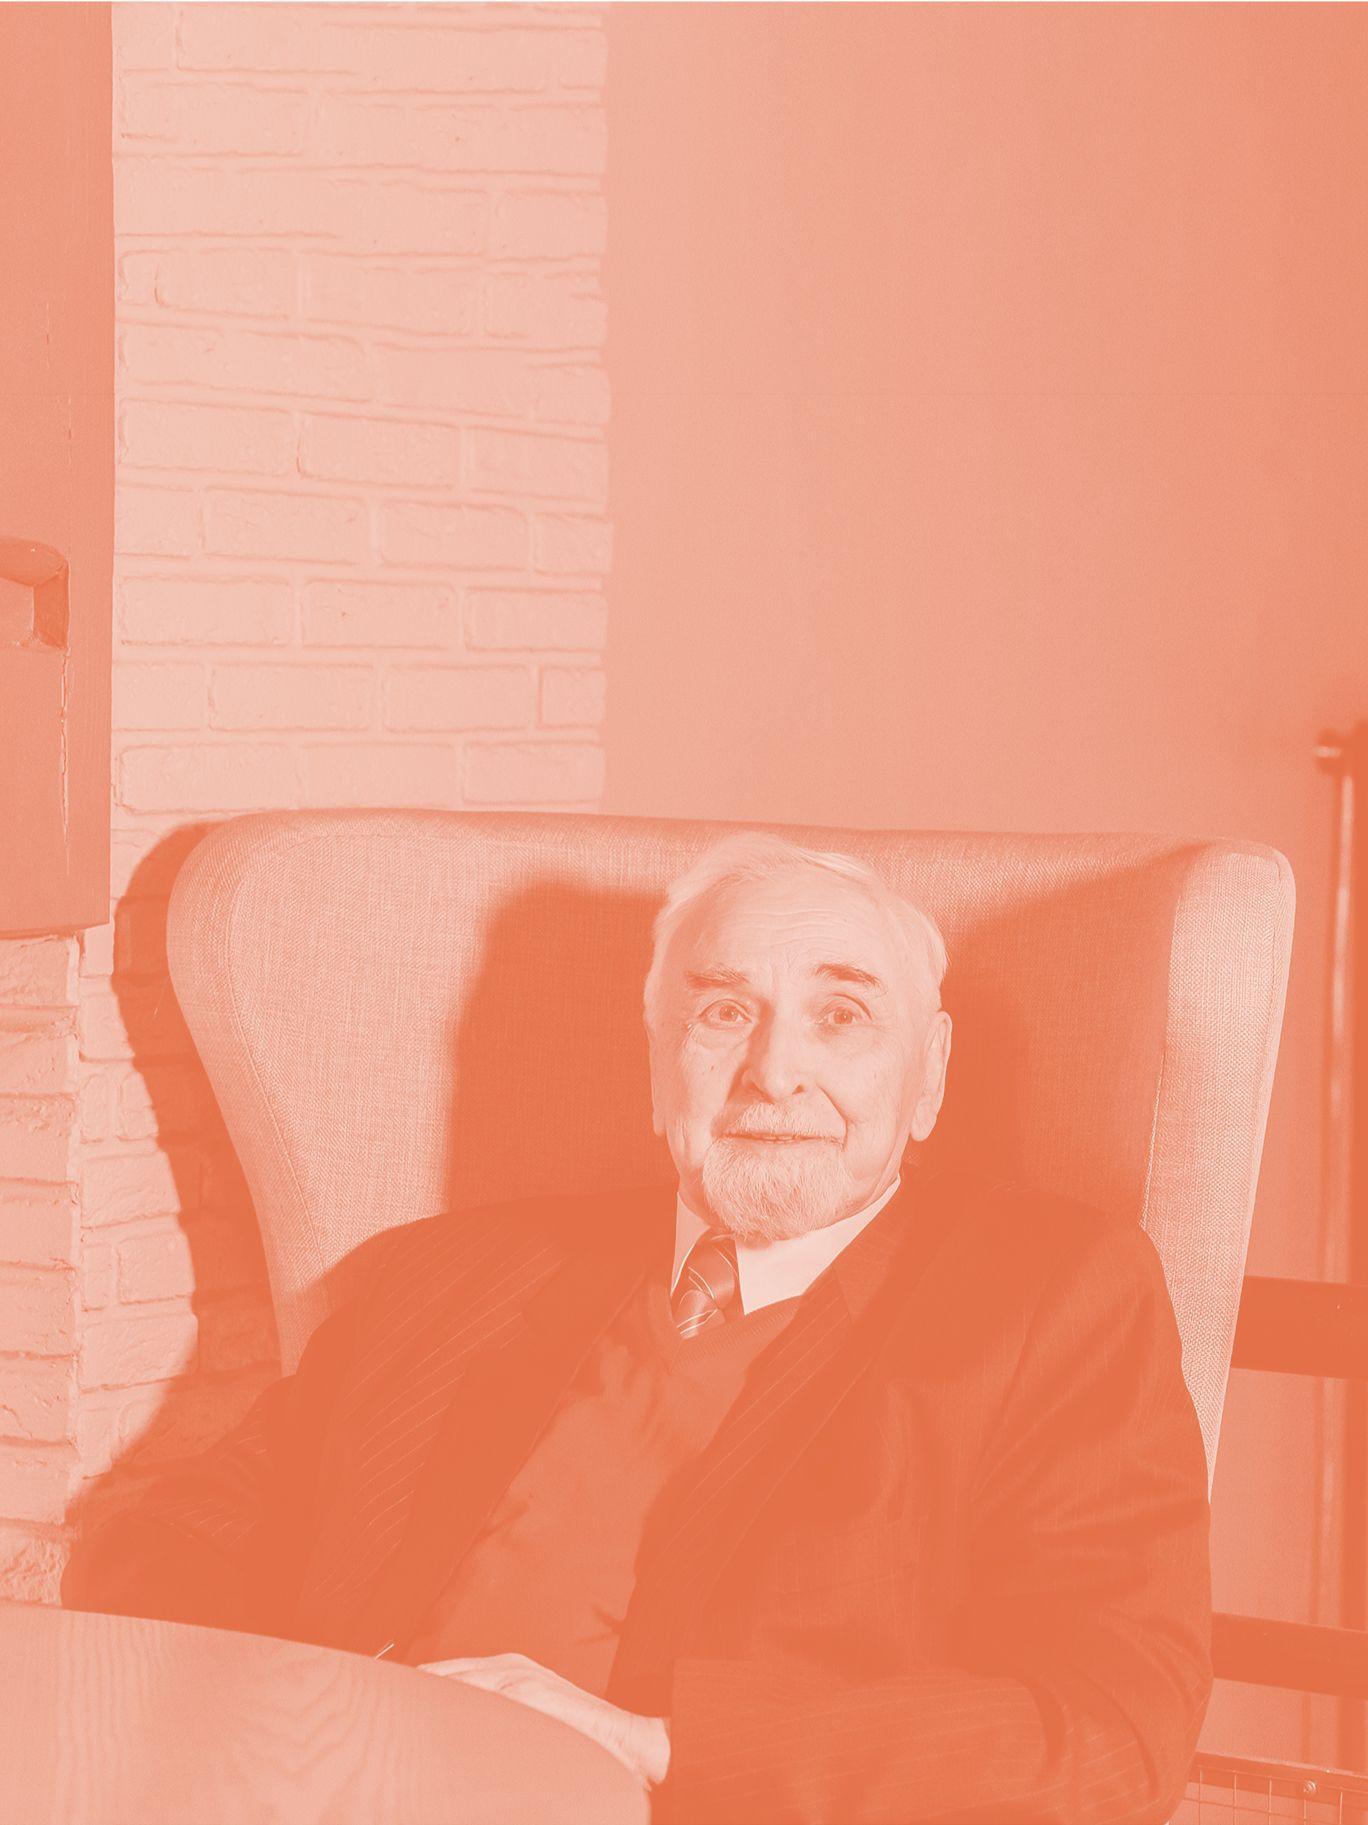 Александр Анисимов — о работе над Театром на Таганке, создании особенного кирпича и лампах с подводной лодки